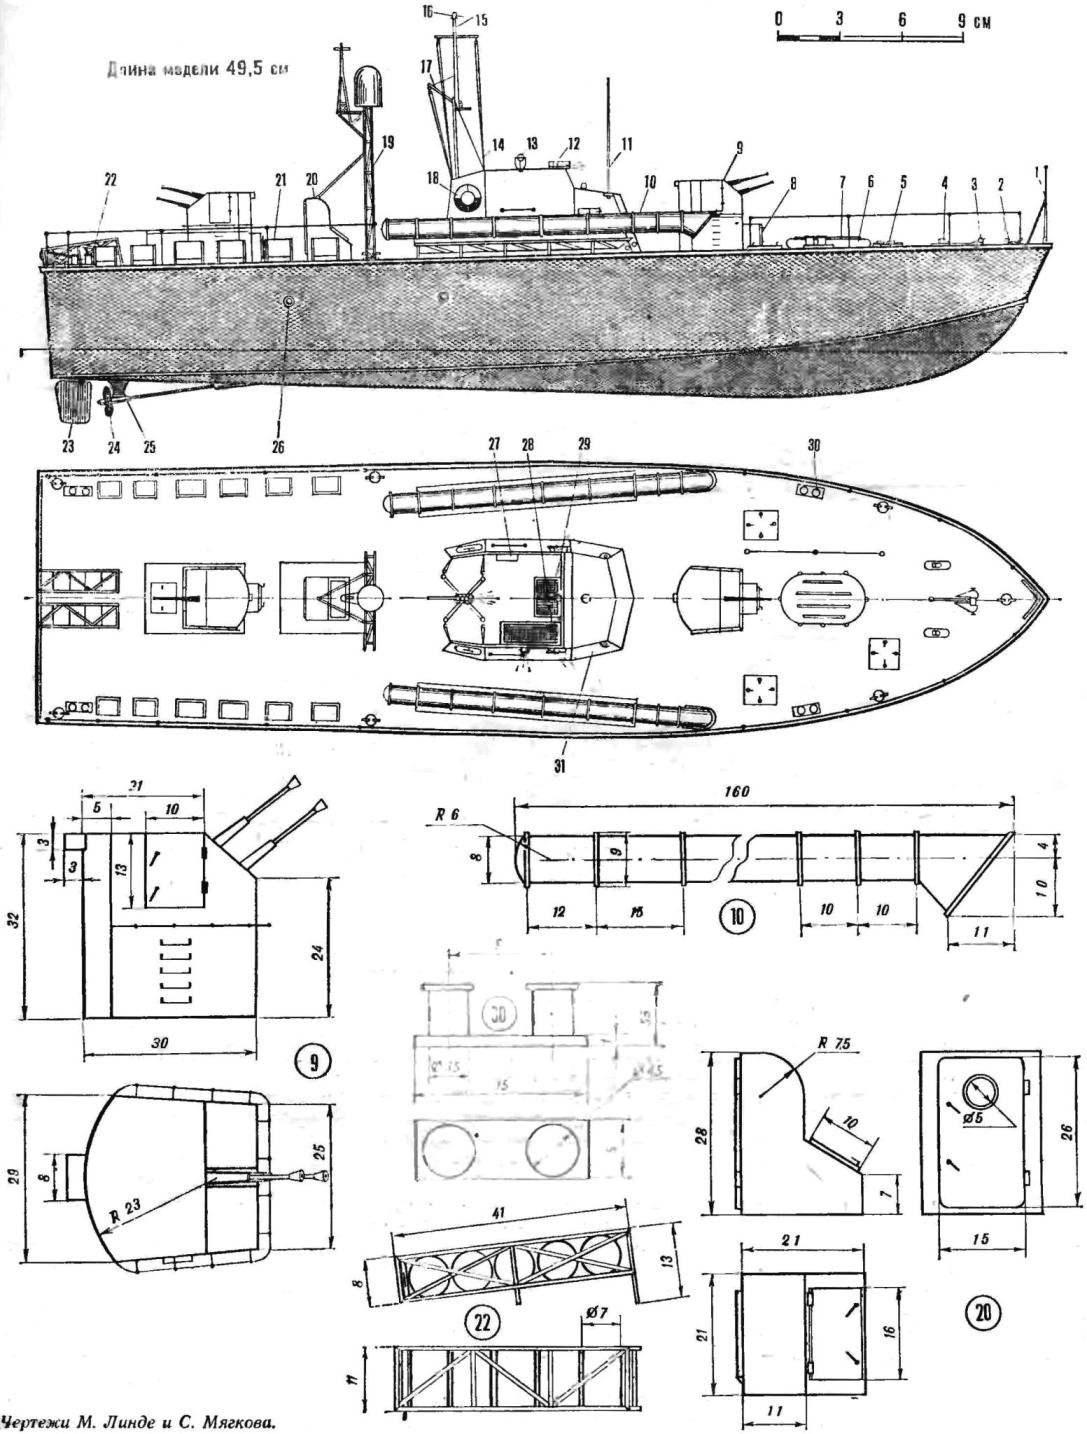 Рис. 1. Модель торпедного катера